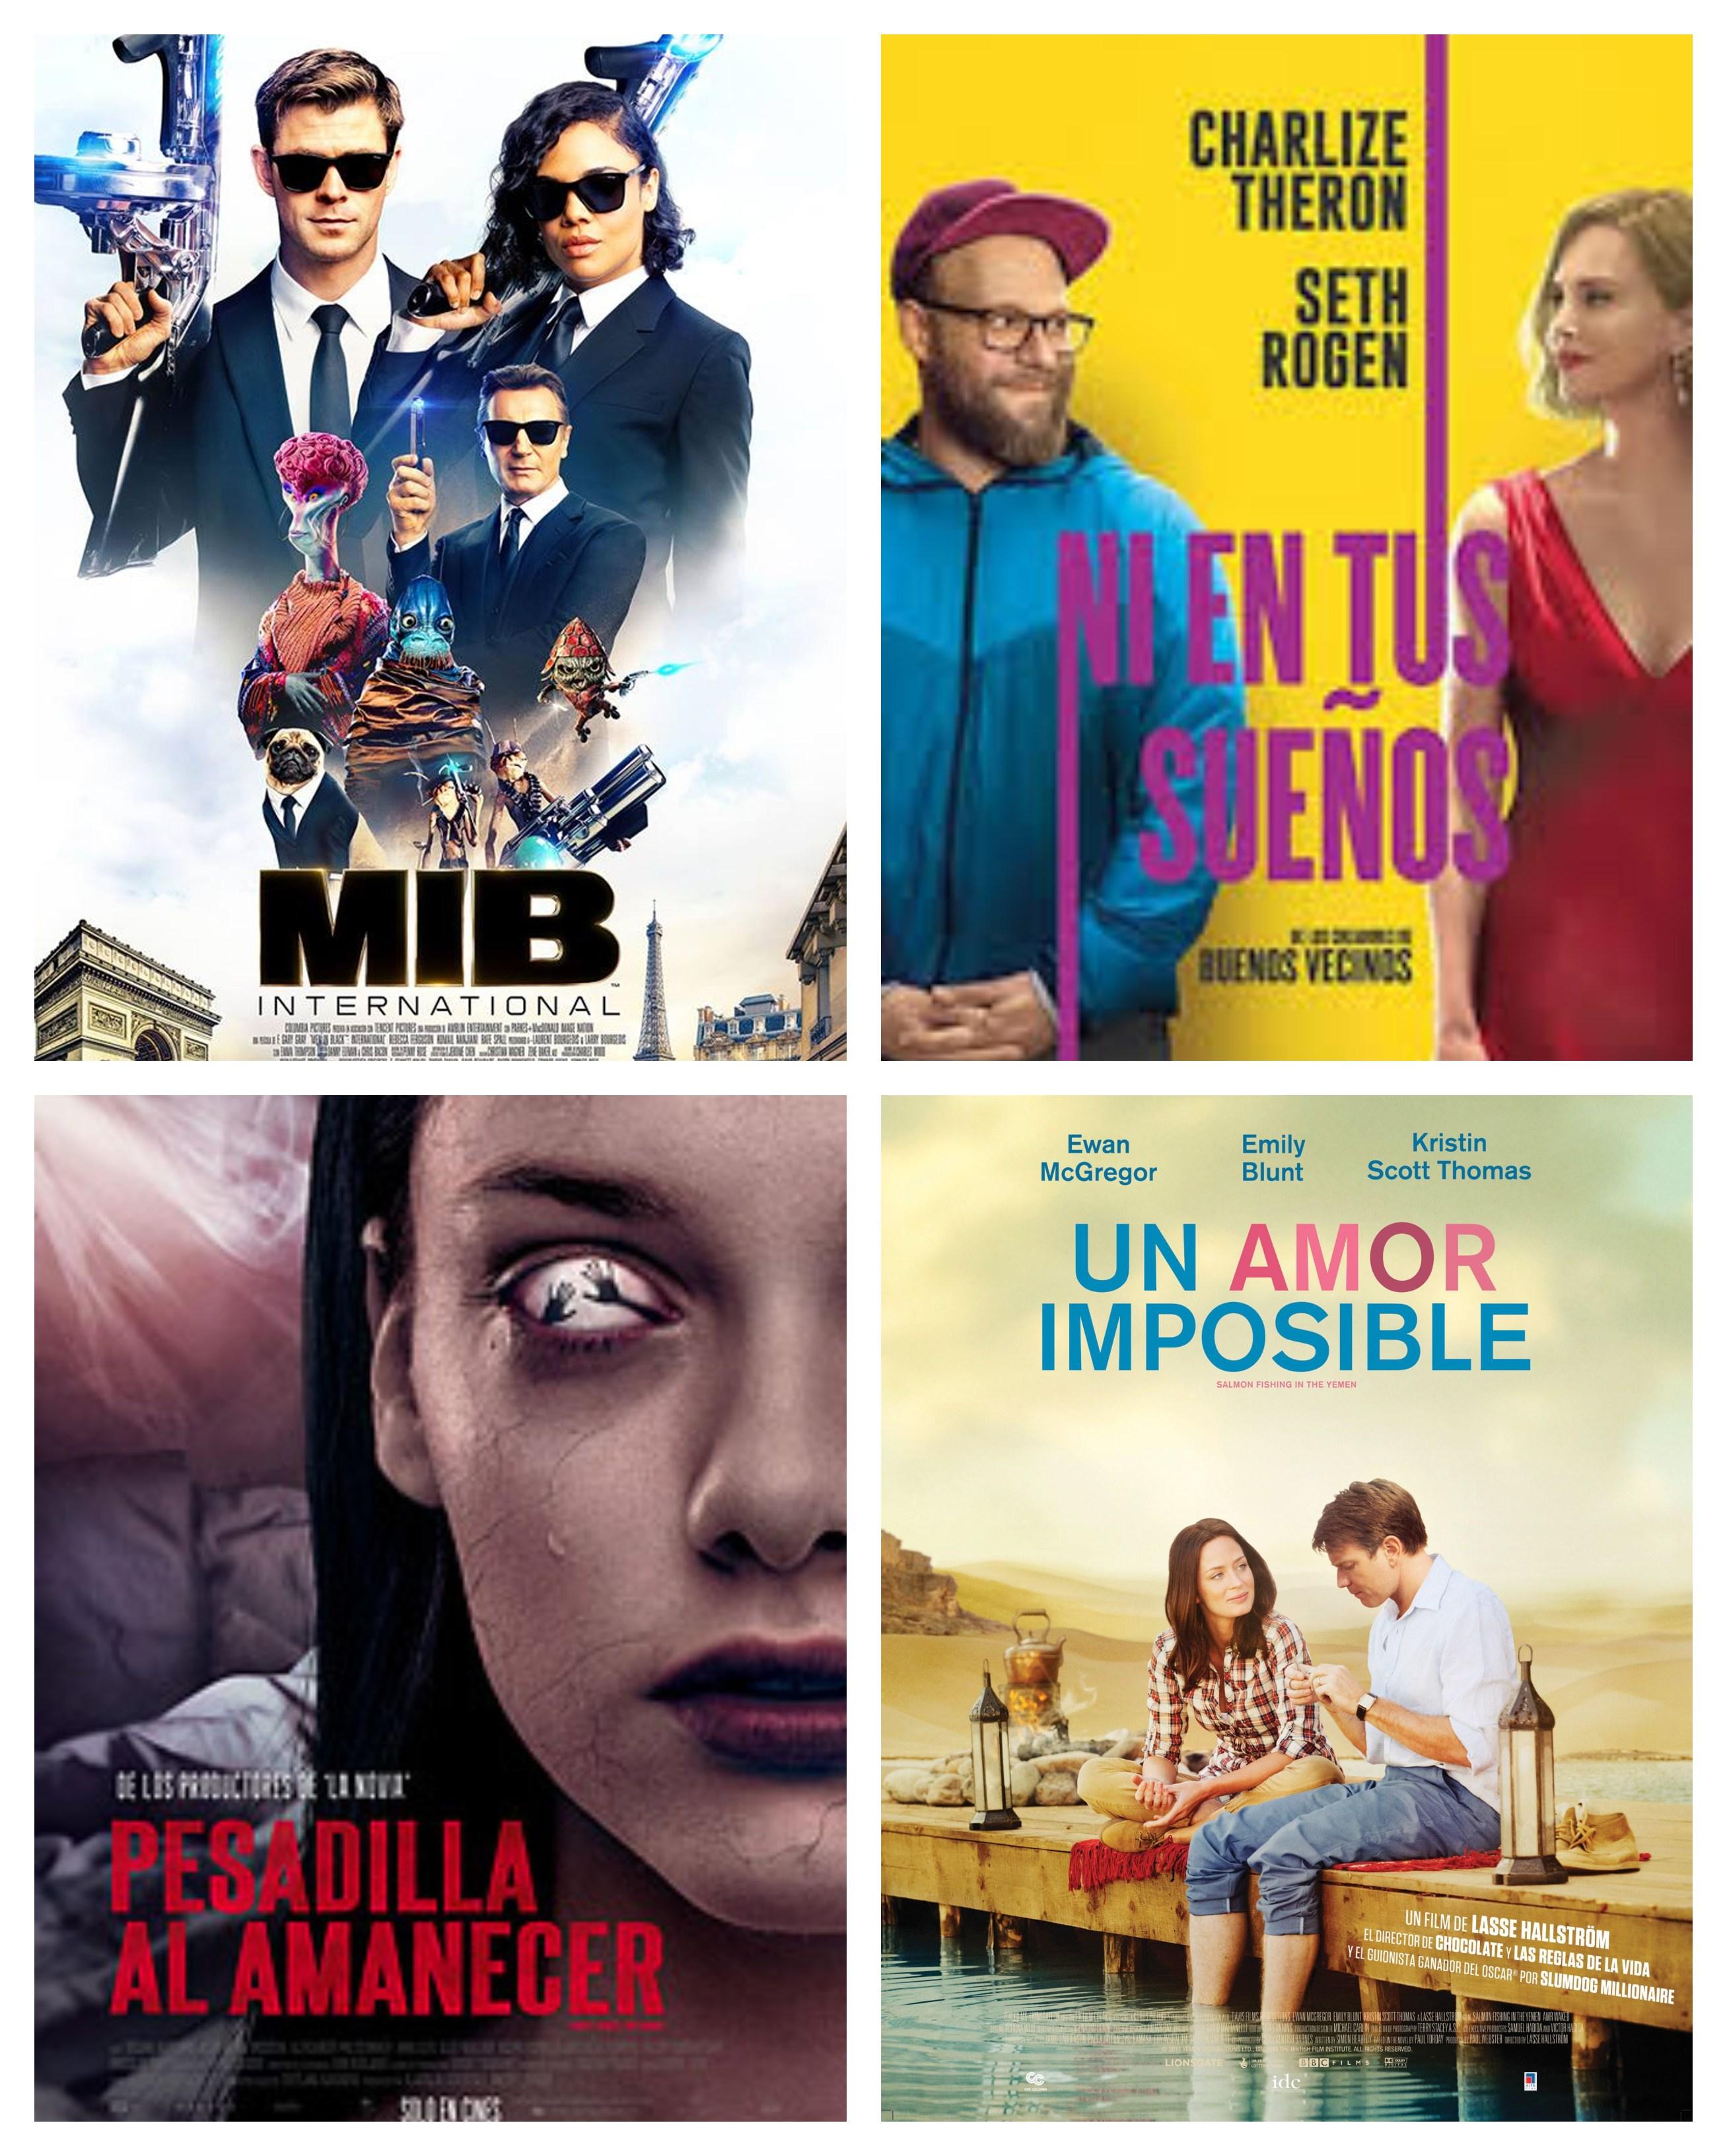 Estrenos de cine: aventura, terror y romance renuevan la pantalla